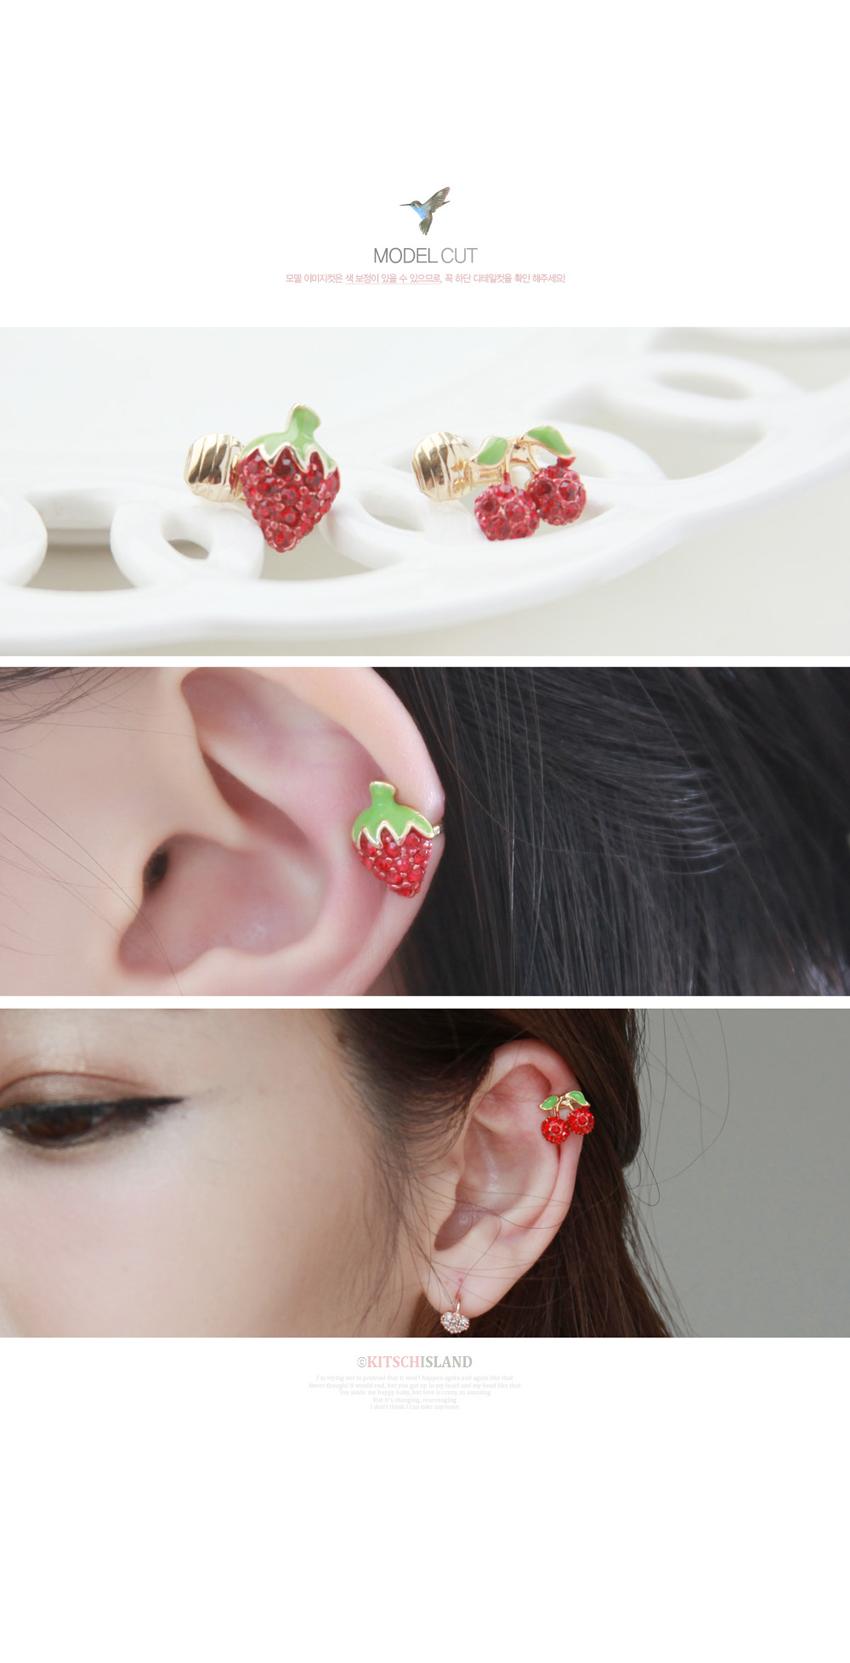 체리딸기 귀찌 - 키치아일랜드, 5,500원, 실버, 볼귀걸이